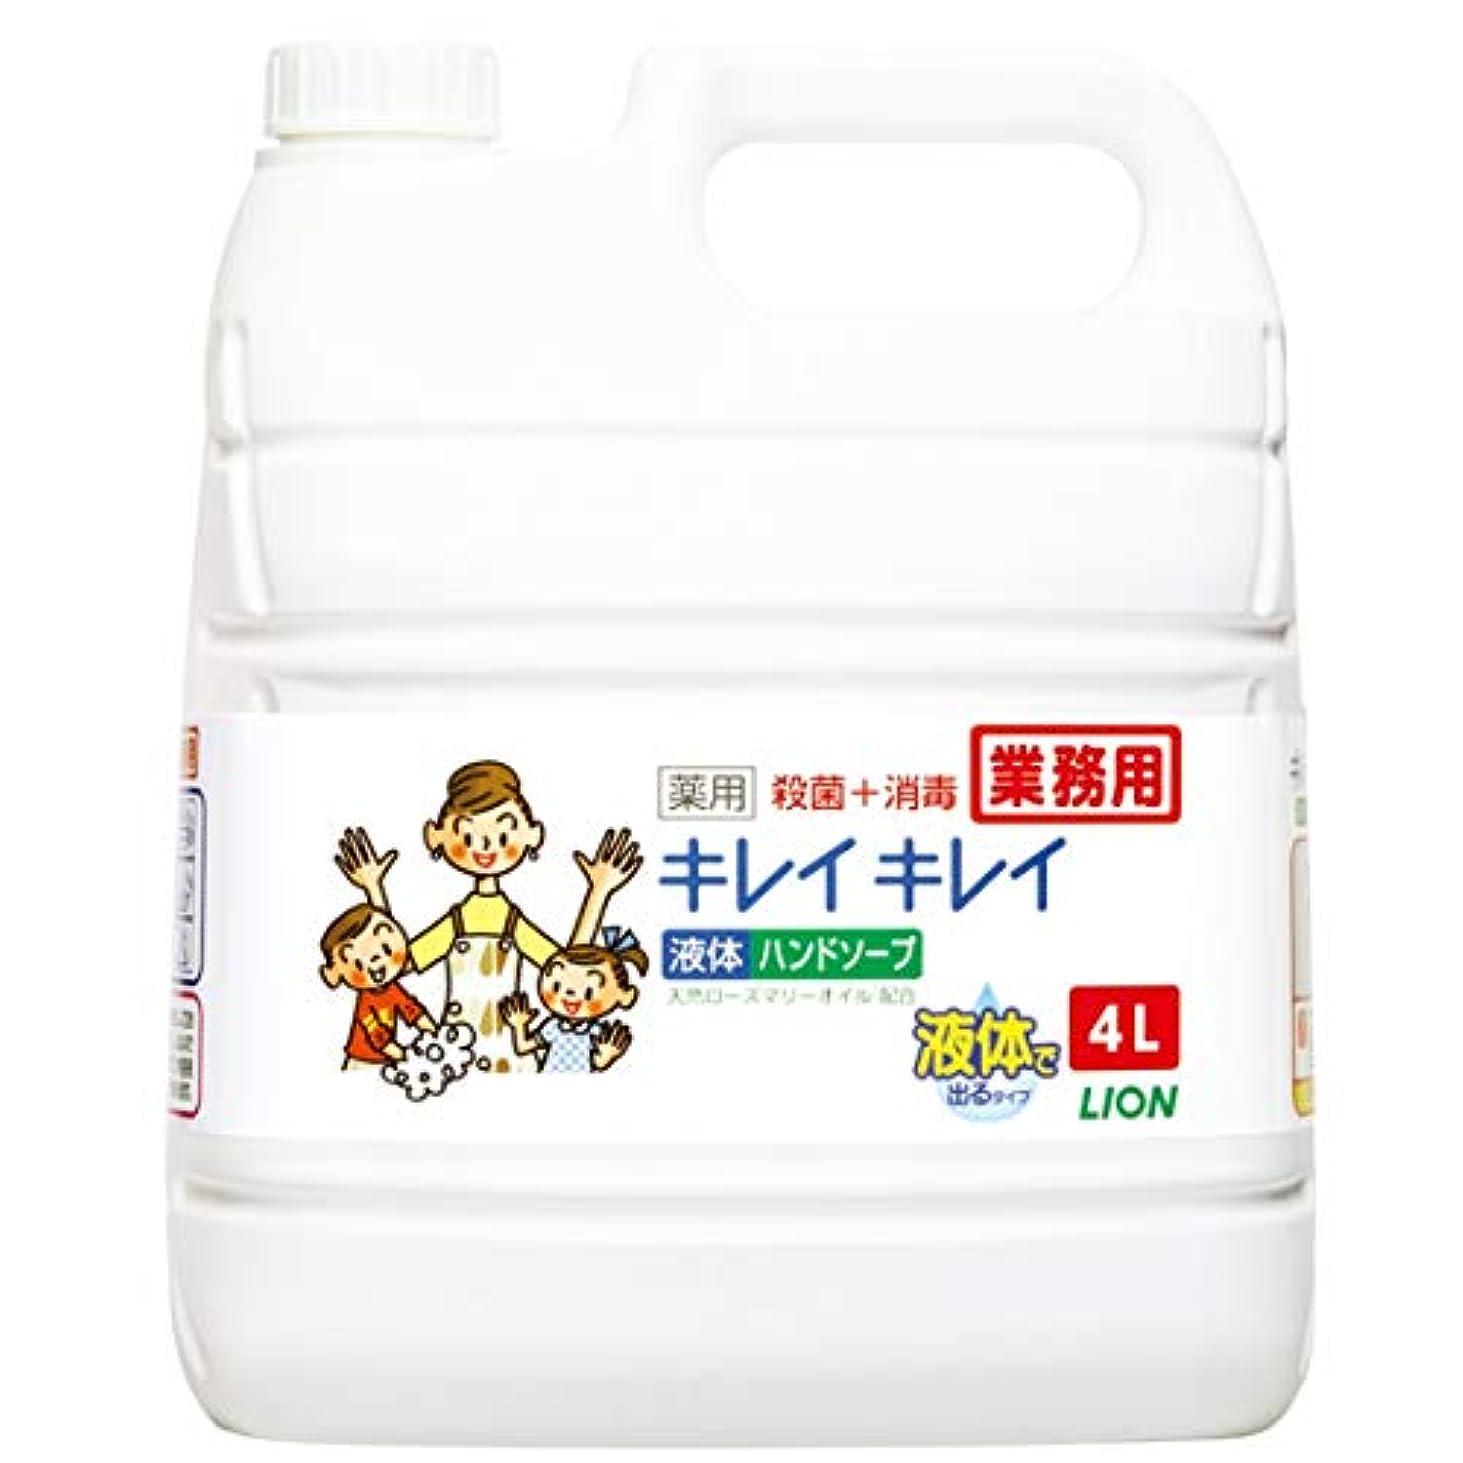 インド国変な【業務用 大容量】キレイキレイ 薬用 ハンドソープ  4L(医薬部外品)